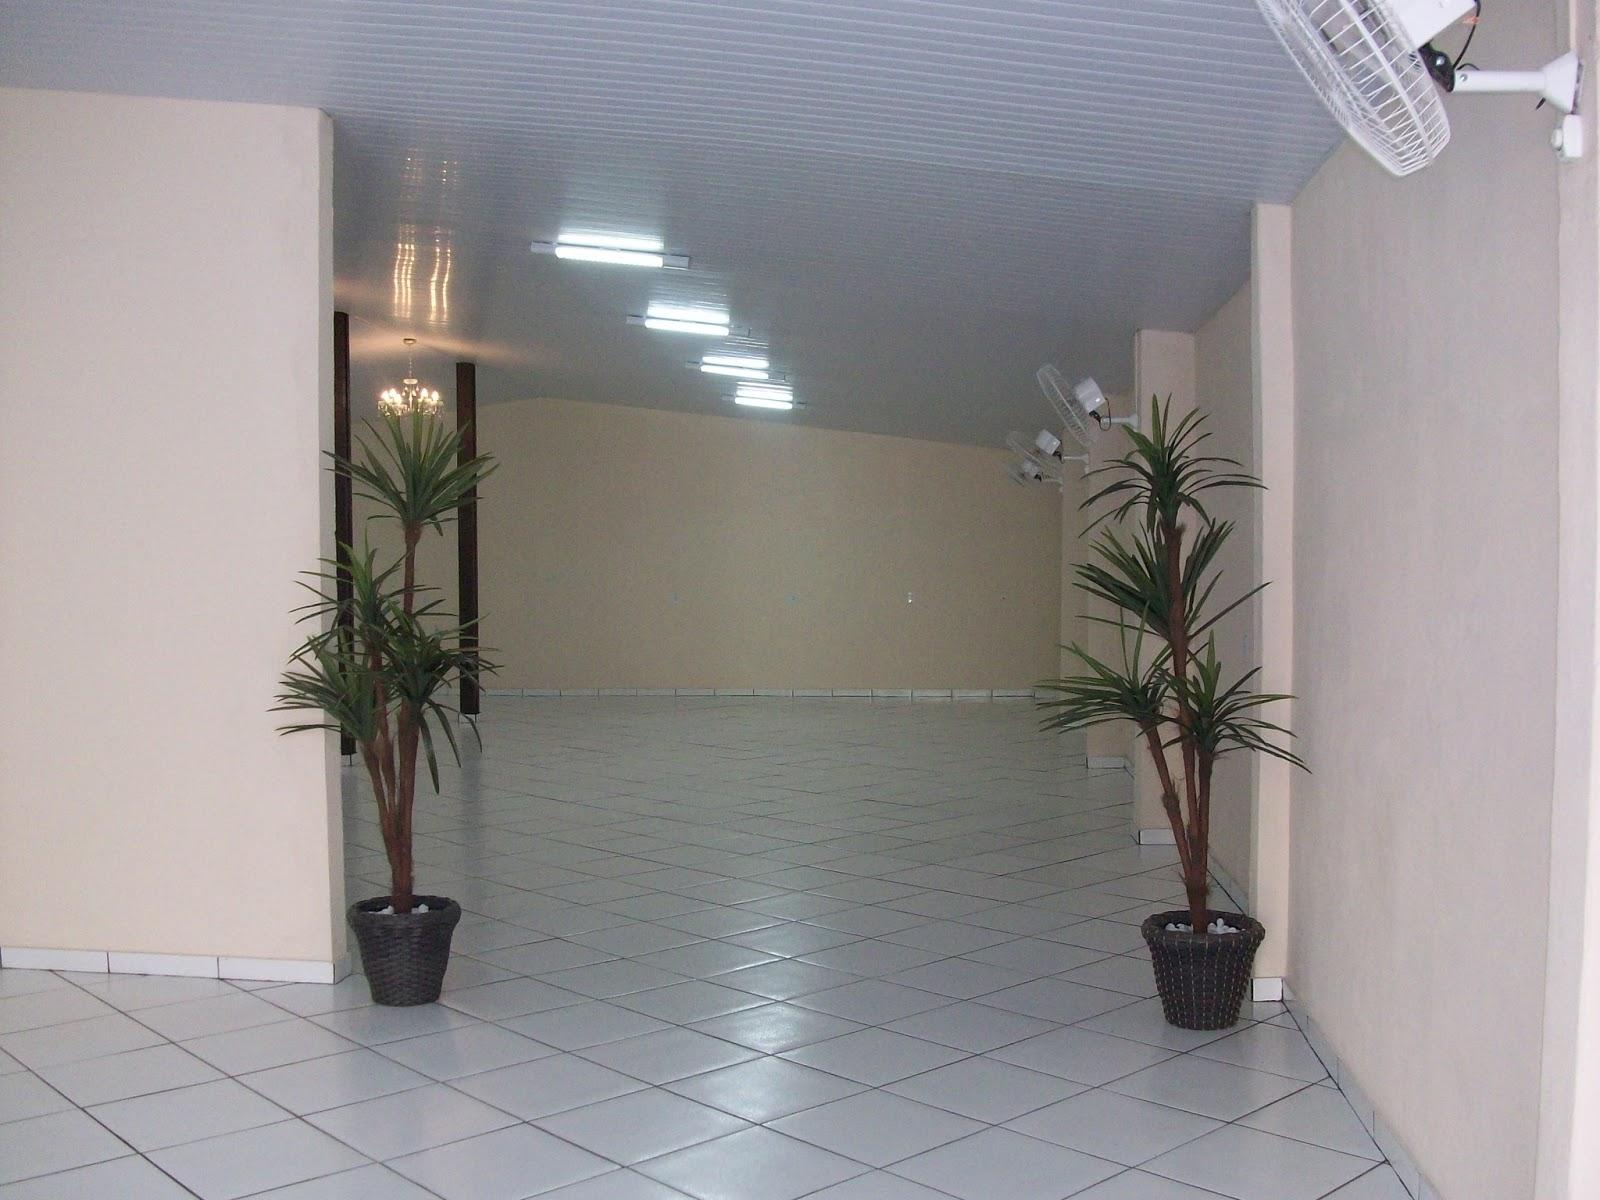 Imagens de #746257 Novo Espaço Monge Festas e Eventos Salão Fraldário e Banheiros 1600x1200 px 2910 Box Banheiro Grupon